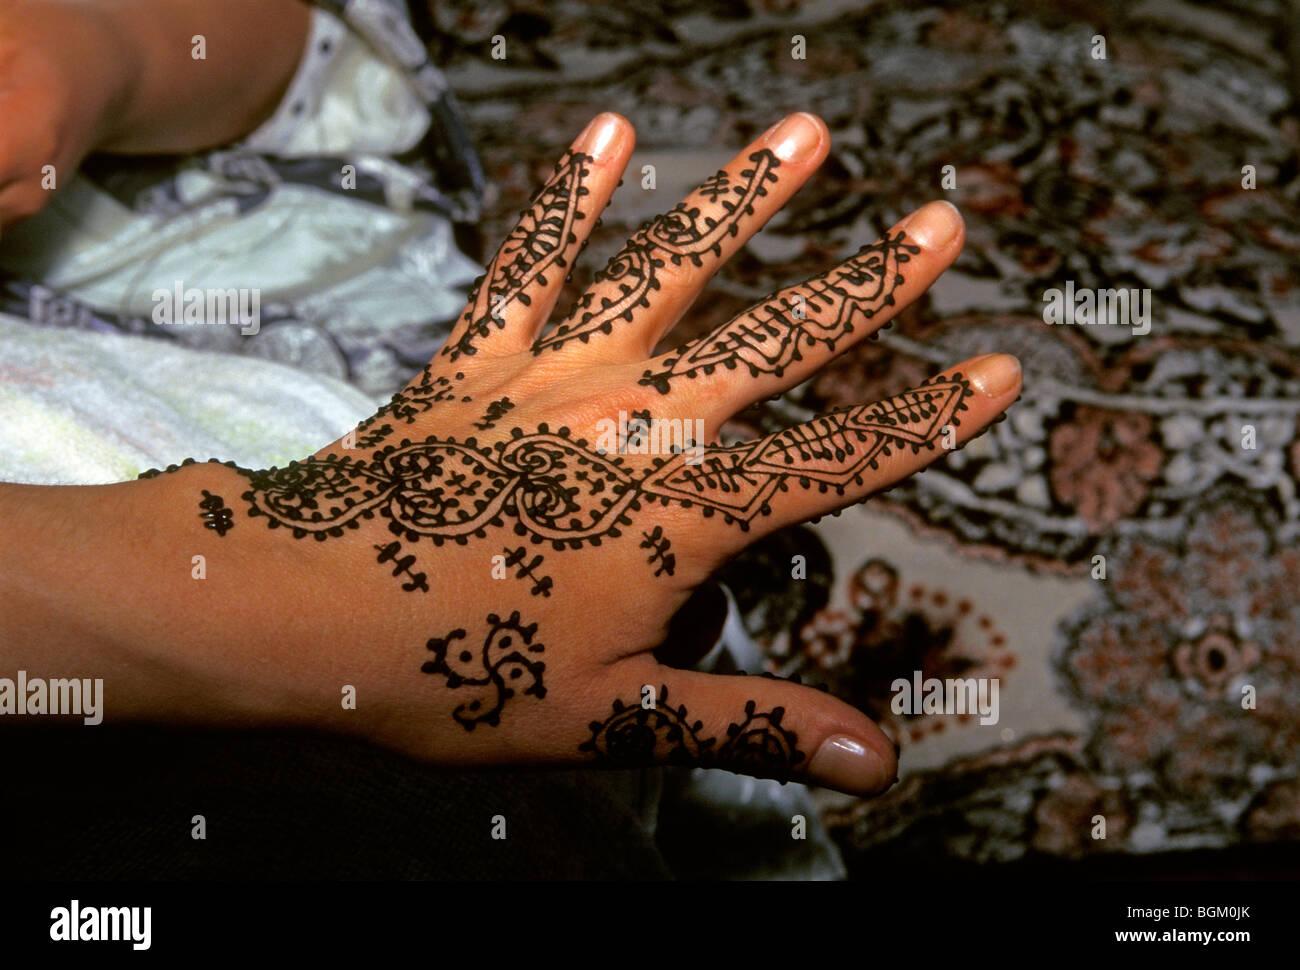 Tatouage au henné, henné, tatouage, tatouage, tatouage, la main, la peau de l'art, l'art corporel, Photo Stock